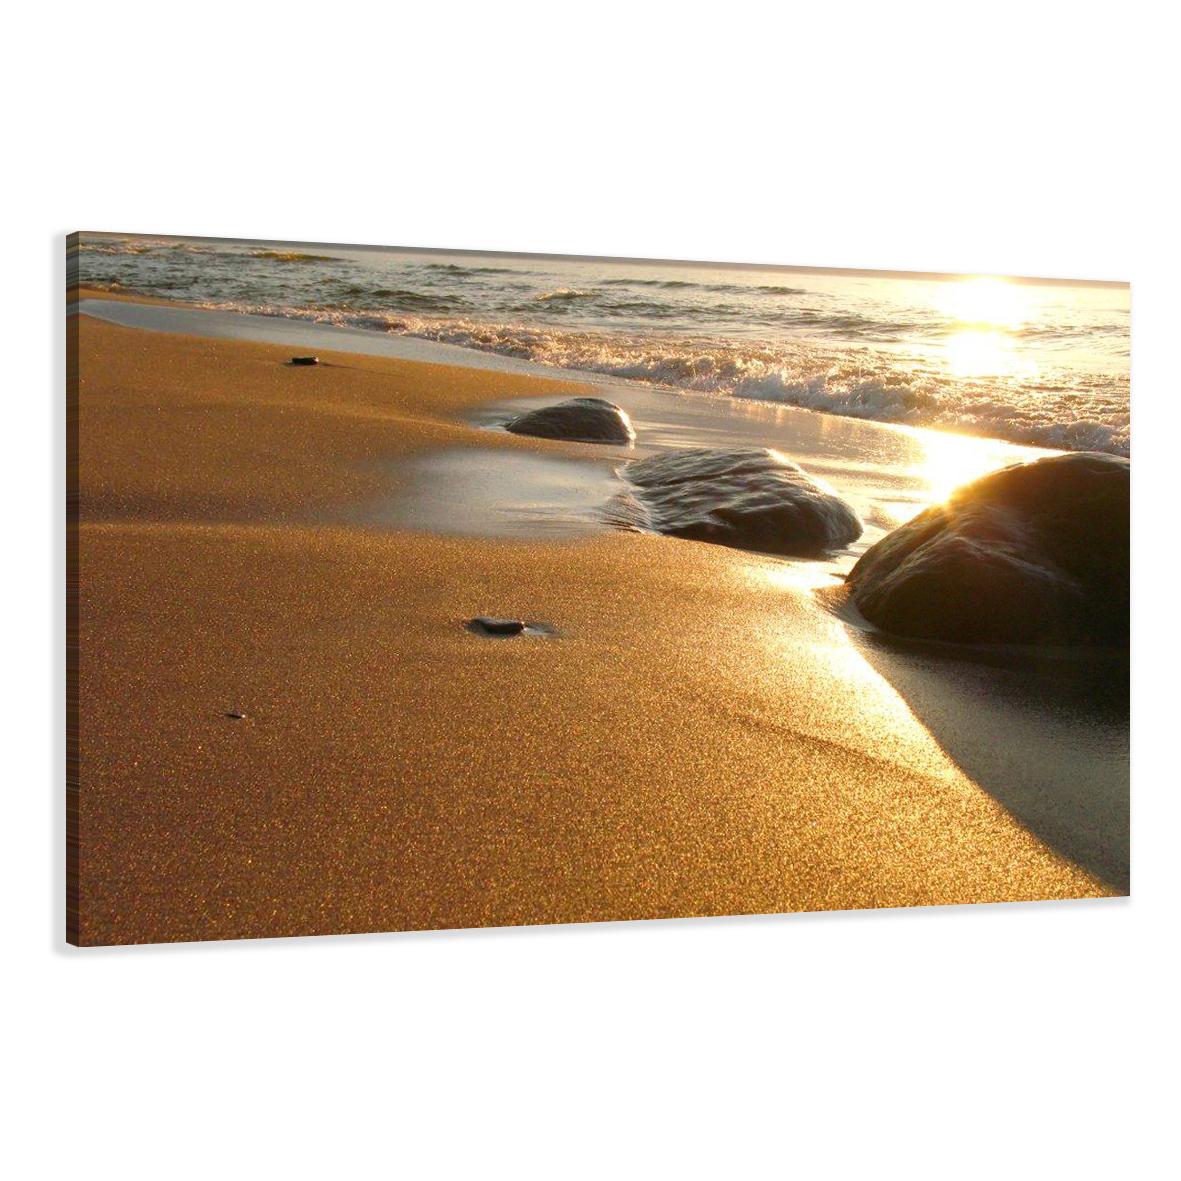 leinwand wandbilder verschiedene bilder motive 120 x 80 cm einteilig 1576 c1 ebay. Black Bedroom Furniture Sets. Home Design Ideas